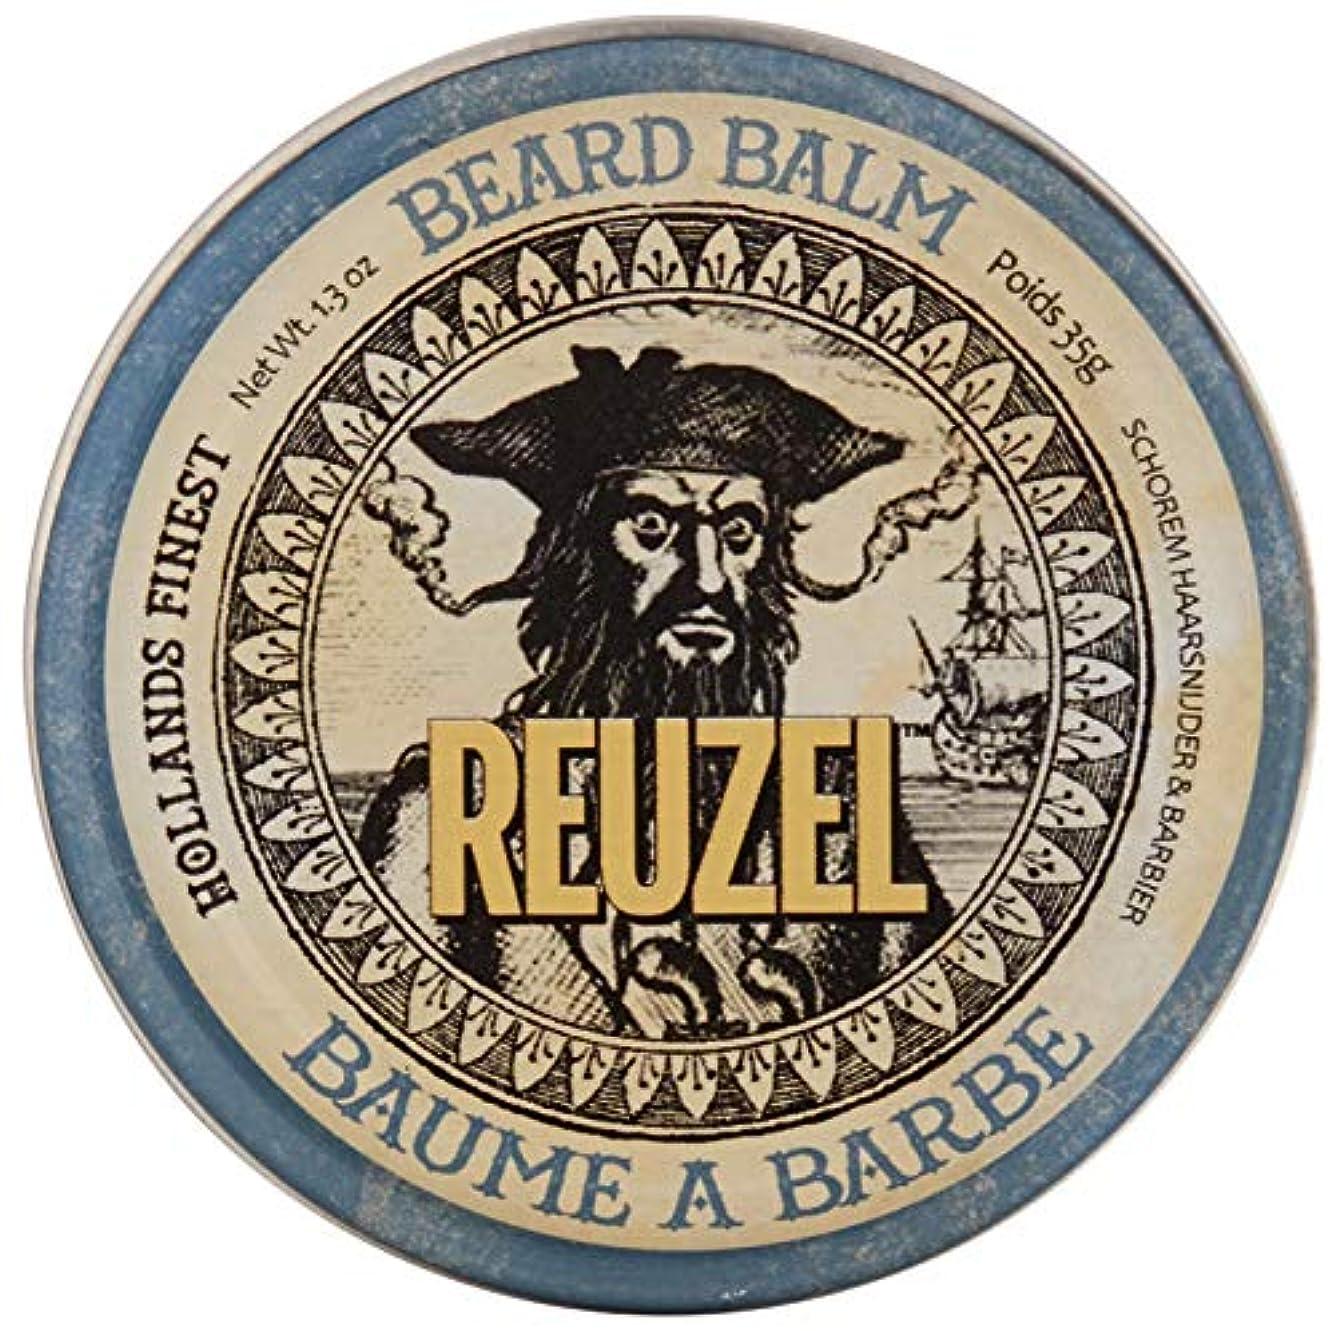 意味液化する顕現reuzel BEARD BALM 1.3 oz by REUZEL